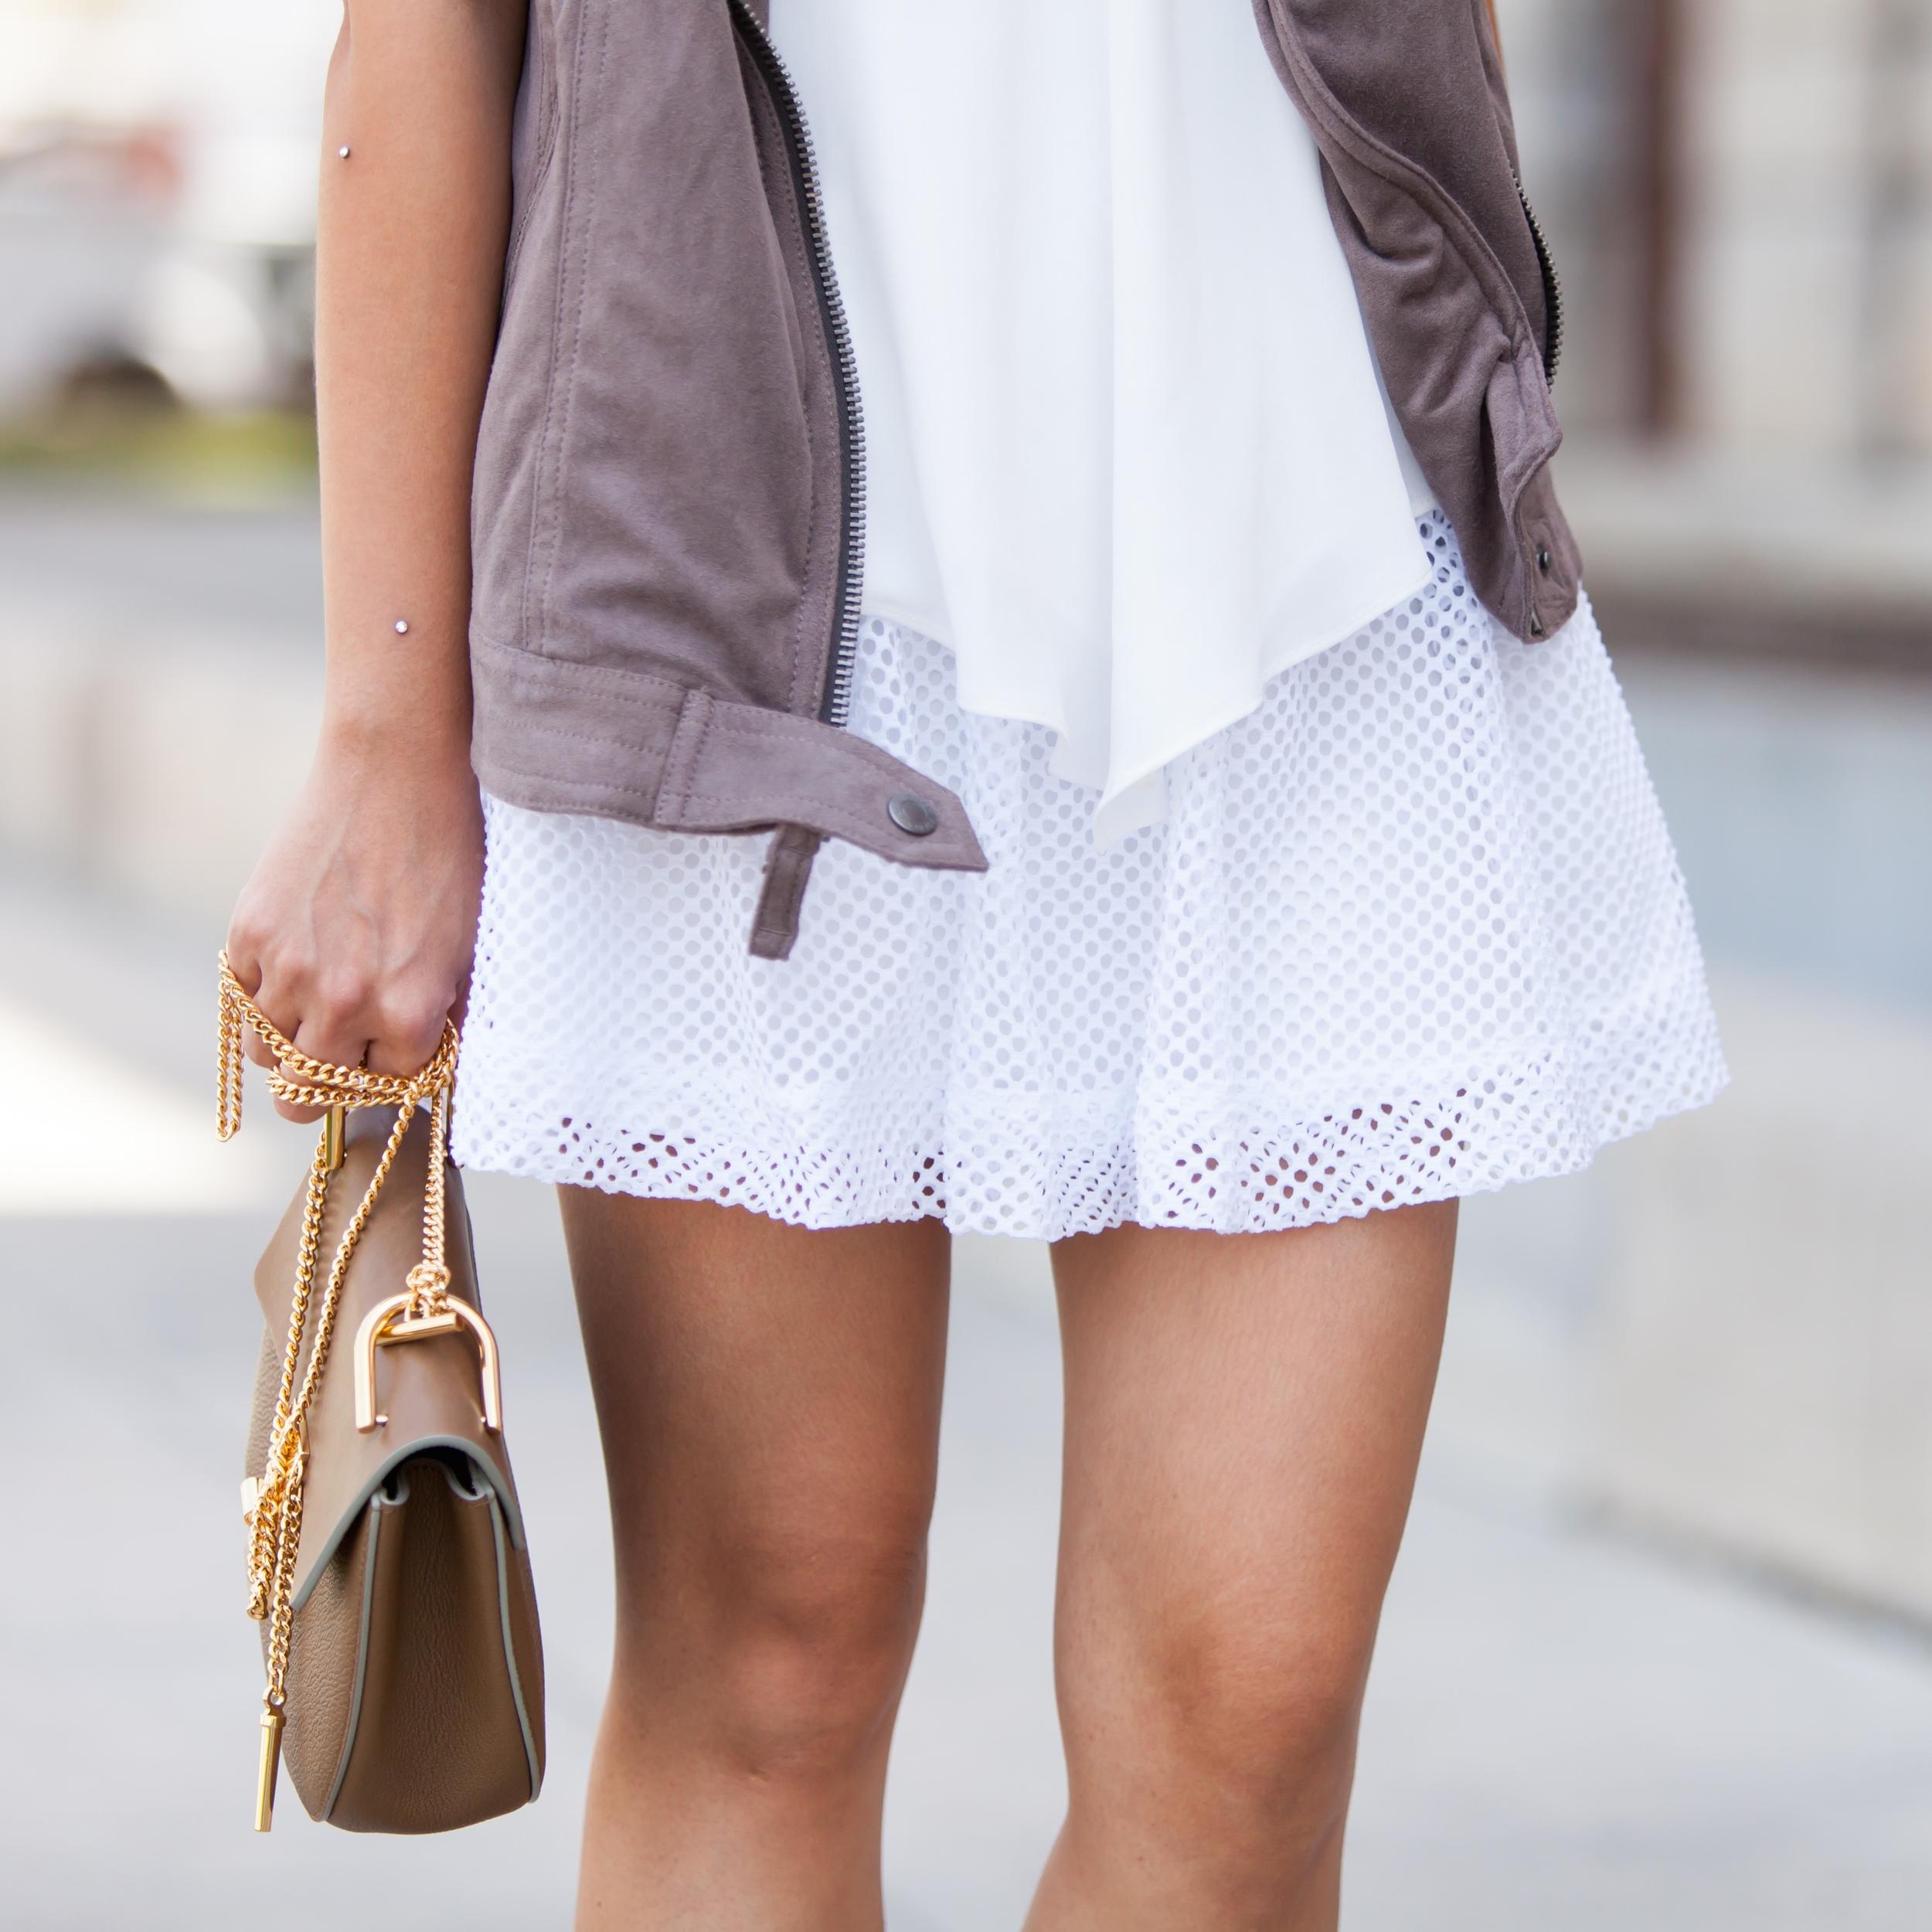 White Crochet Skirt (9 of 12)